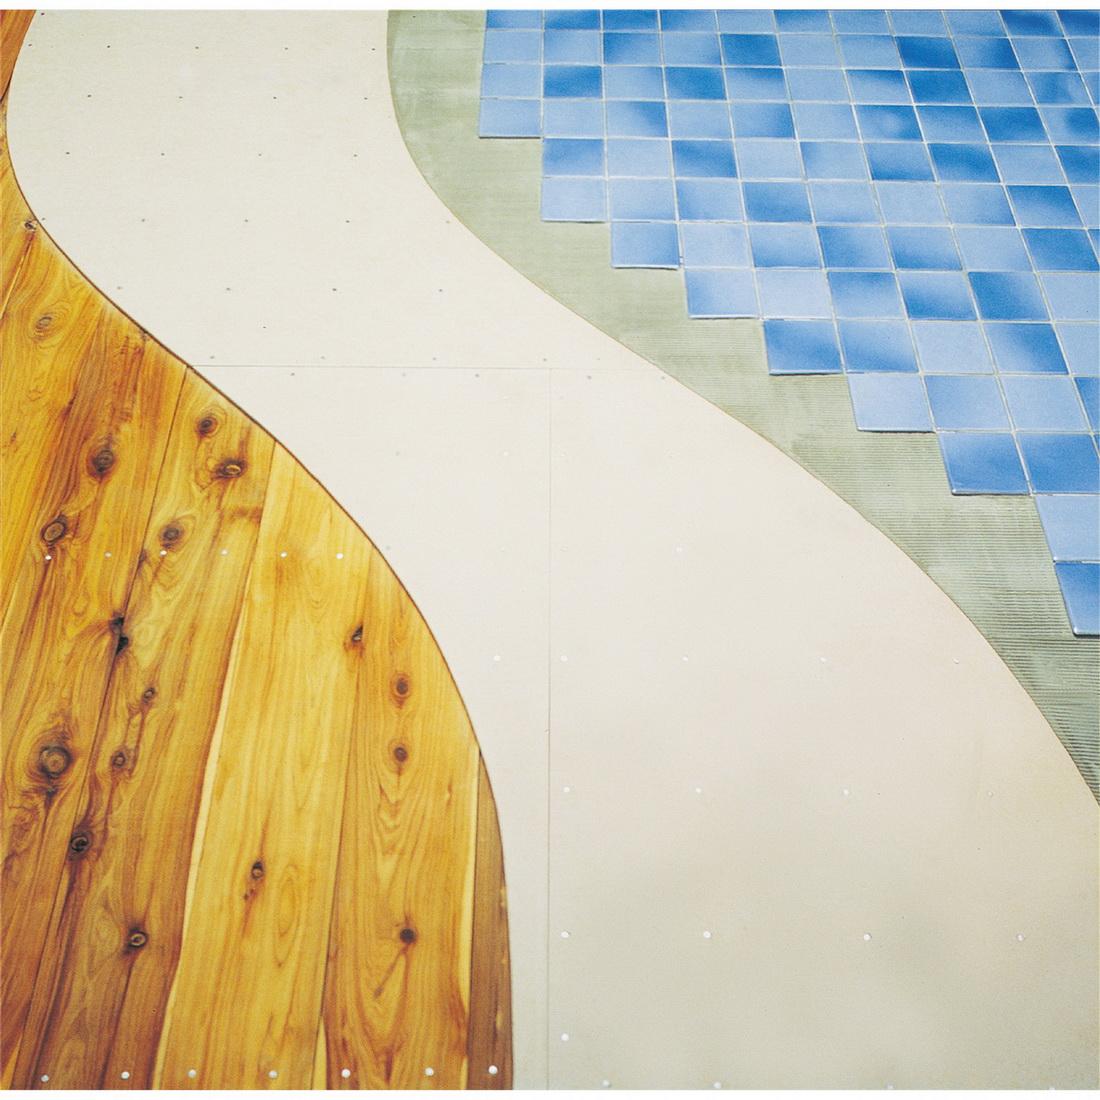 Tile & Slate Underlay 6mm 1800 x 900mm